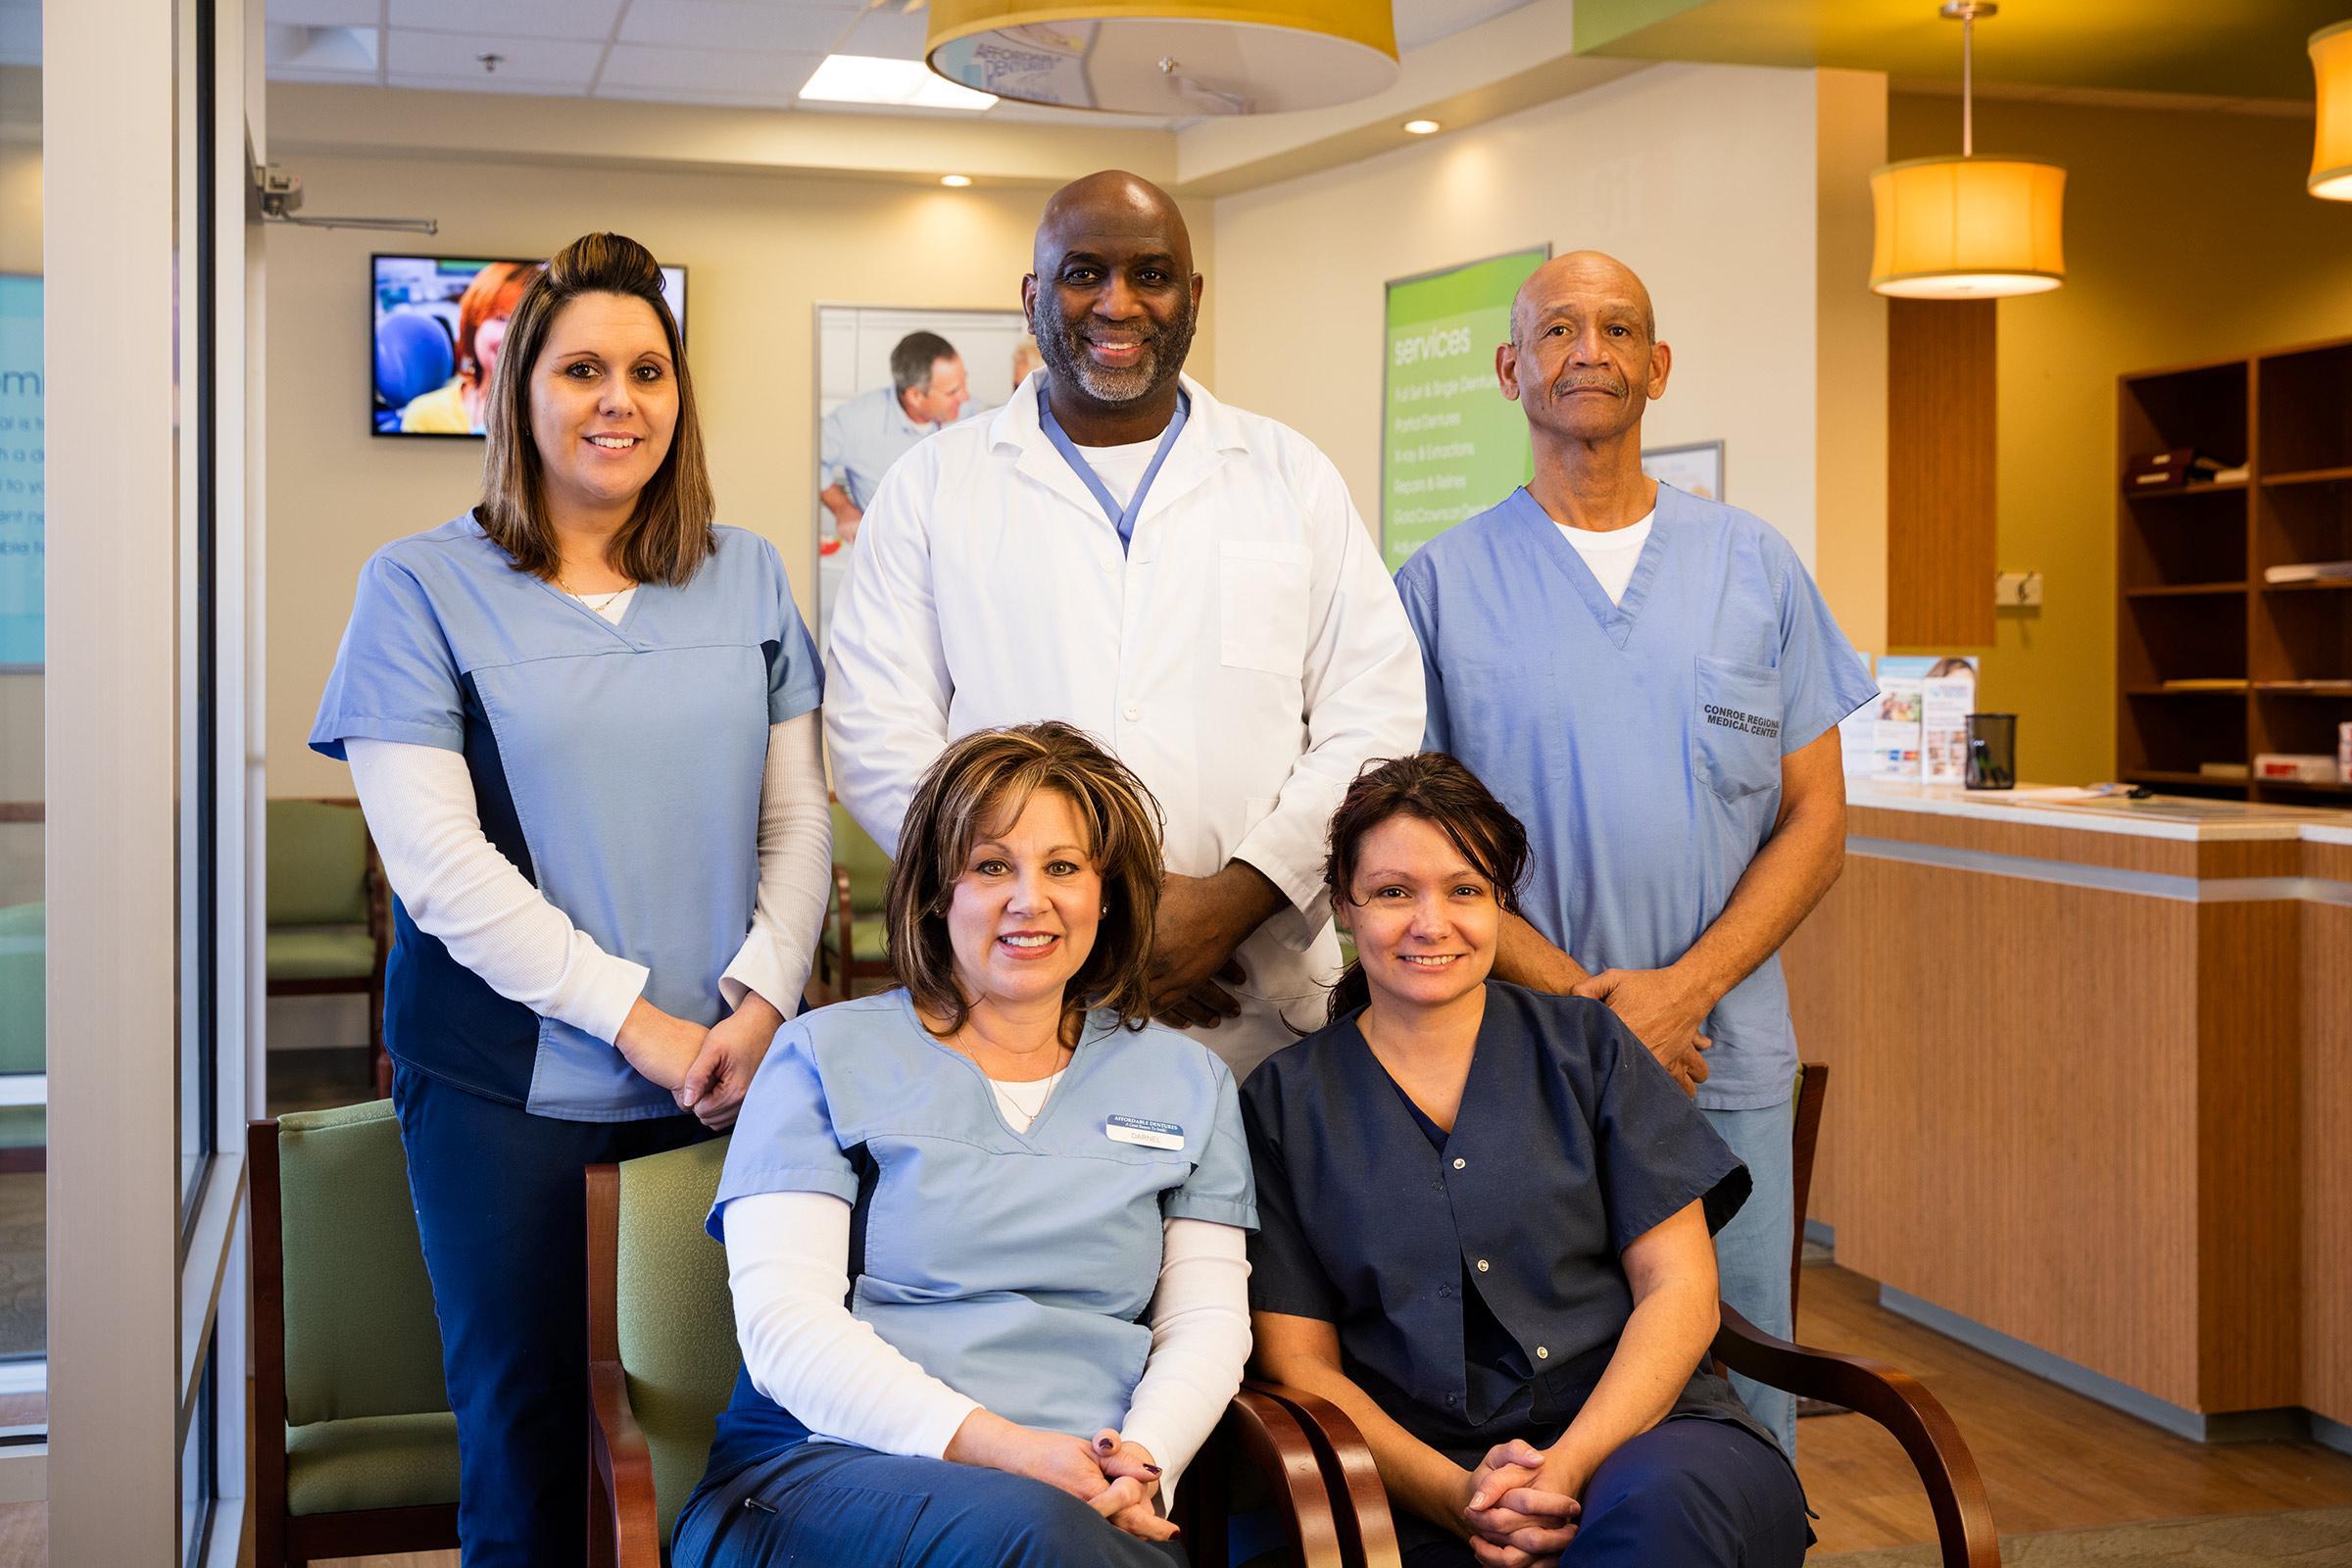 Affordable Dentures & Implants image 1